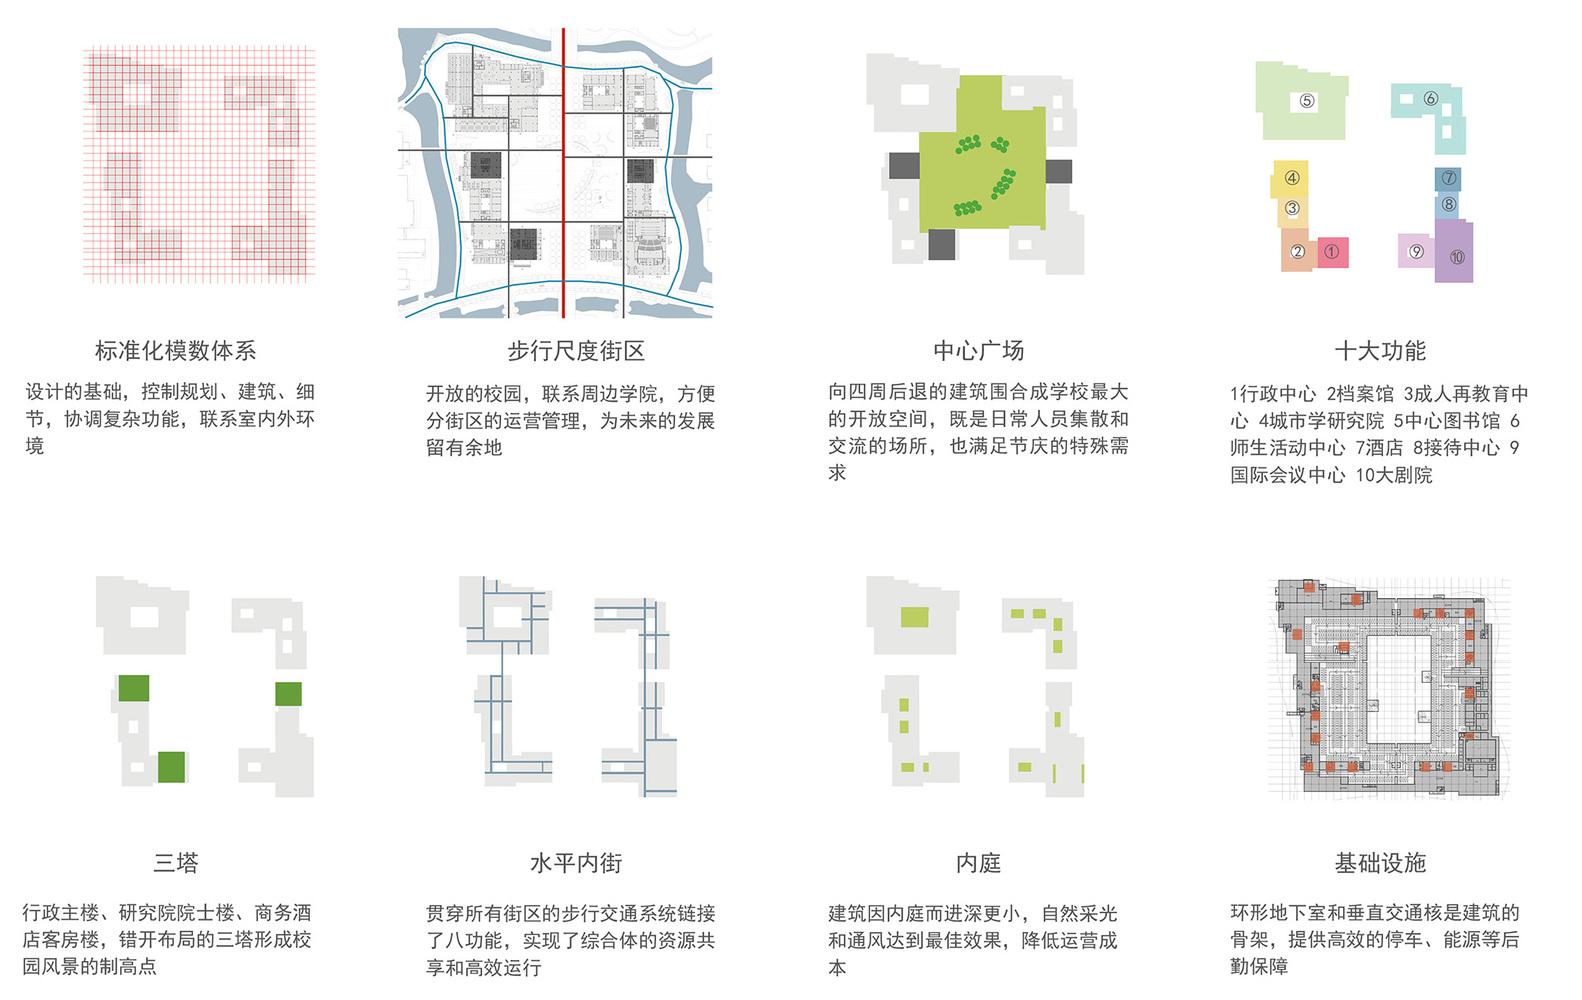 煙雨師大,琢玉成器——杭師大/維思平建築設計插图13